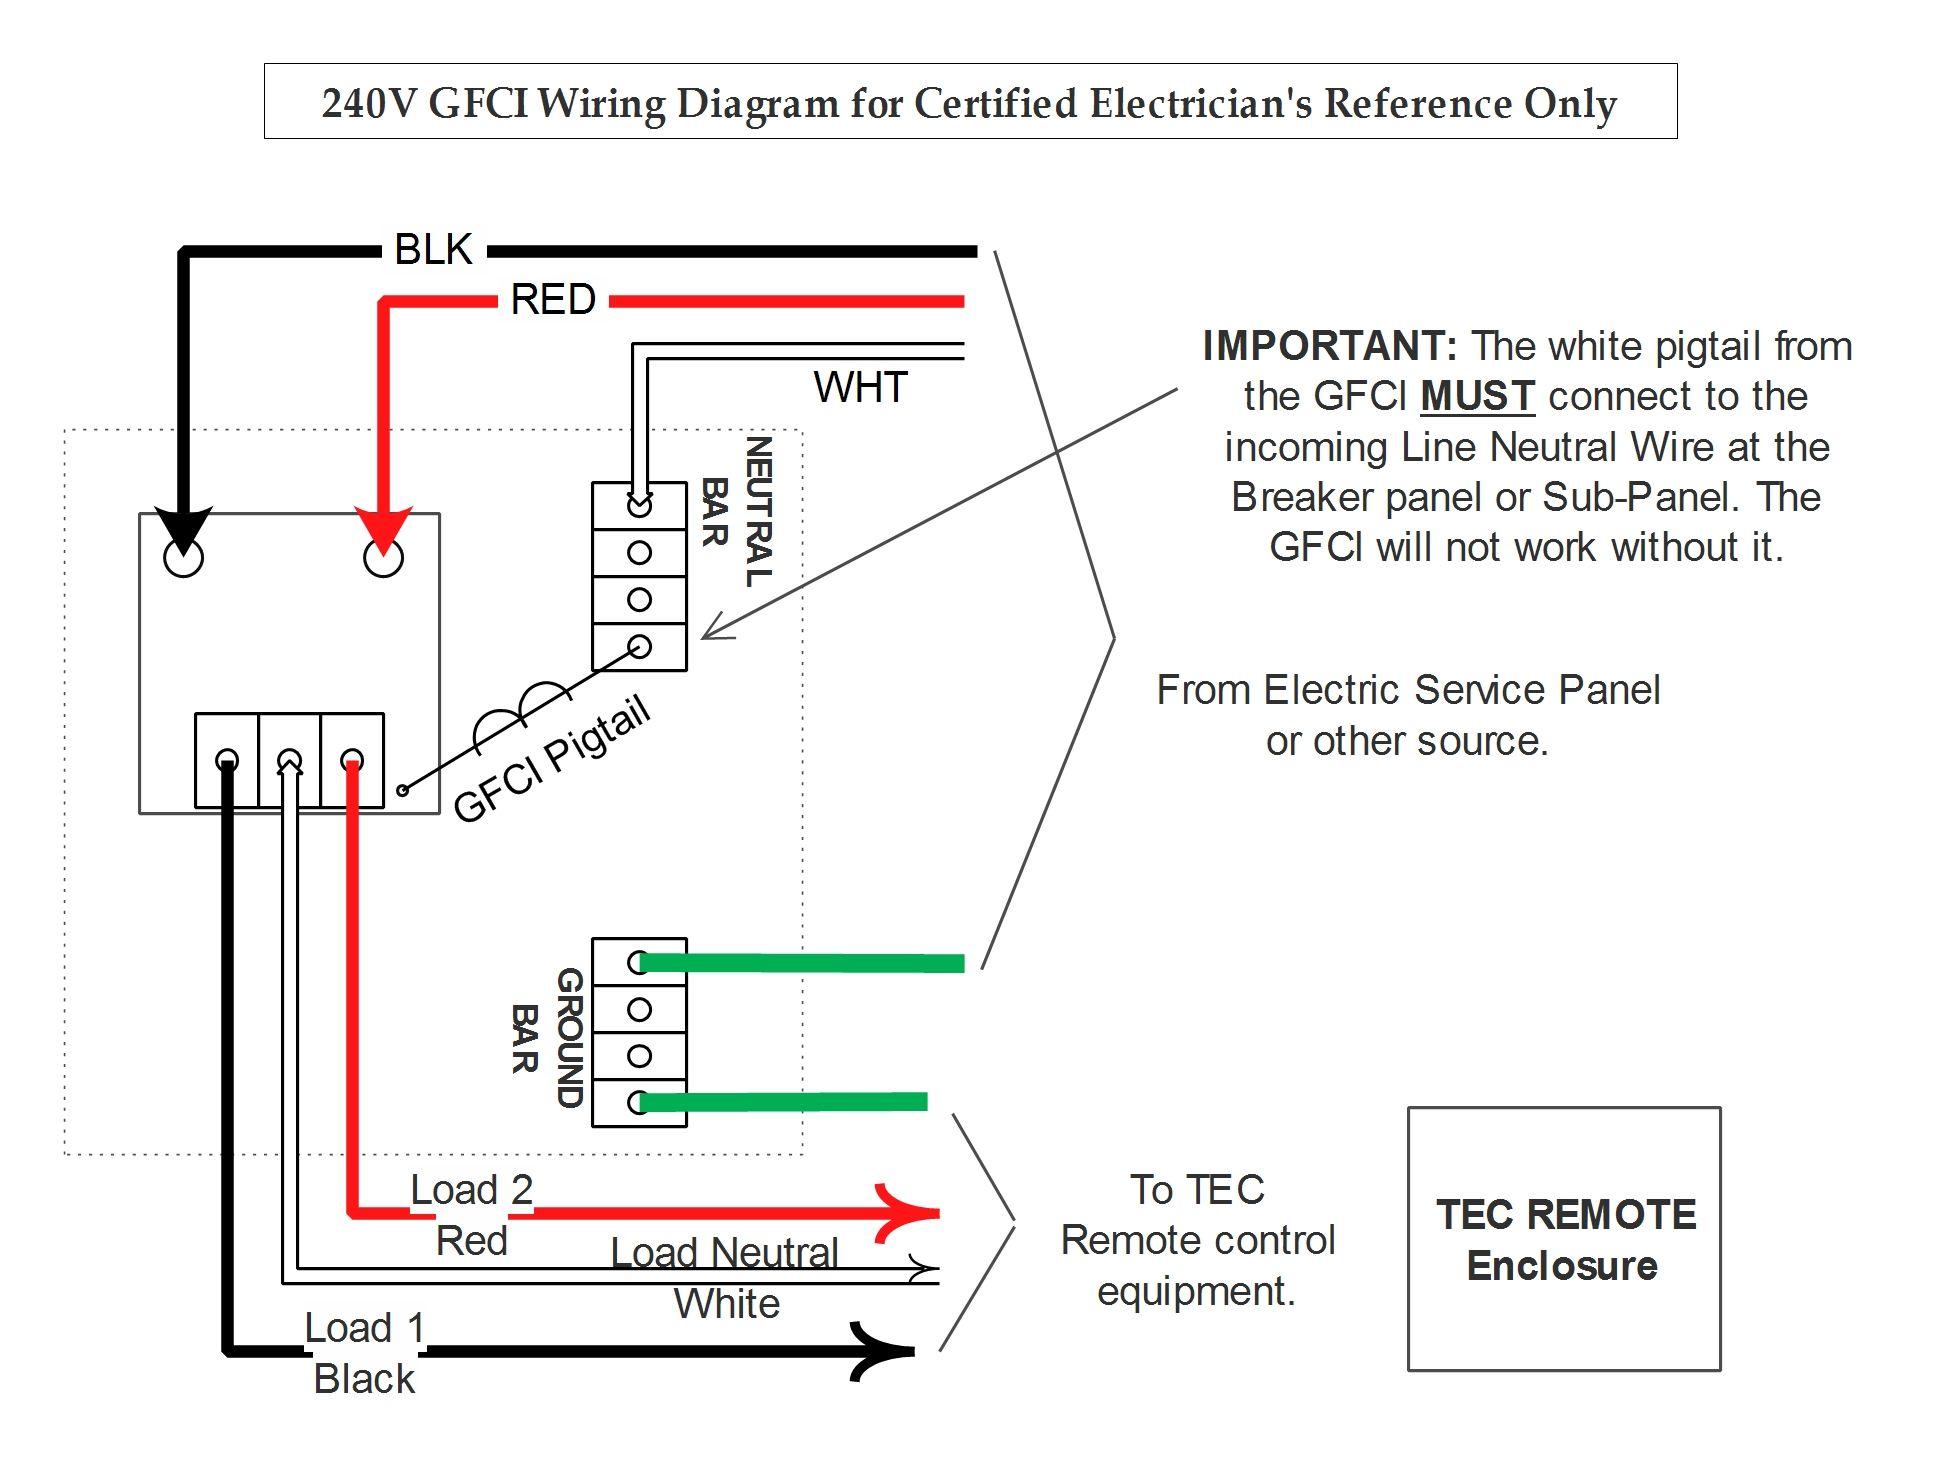 komatsu excavator wiring schematic wiring rj45 wiring diagrams Komatsu PC 50 Excavator  Hyundai Excavator Komatsu PC 40 Excavator Wiring-Diagram Komatsu Parts Catalog